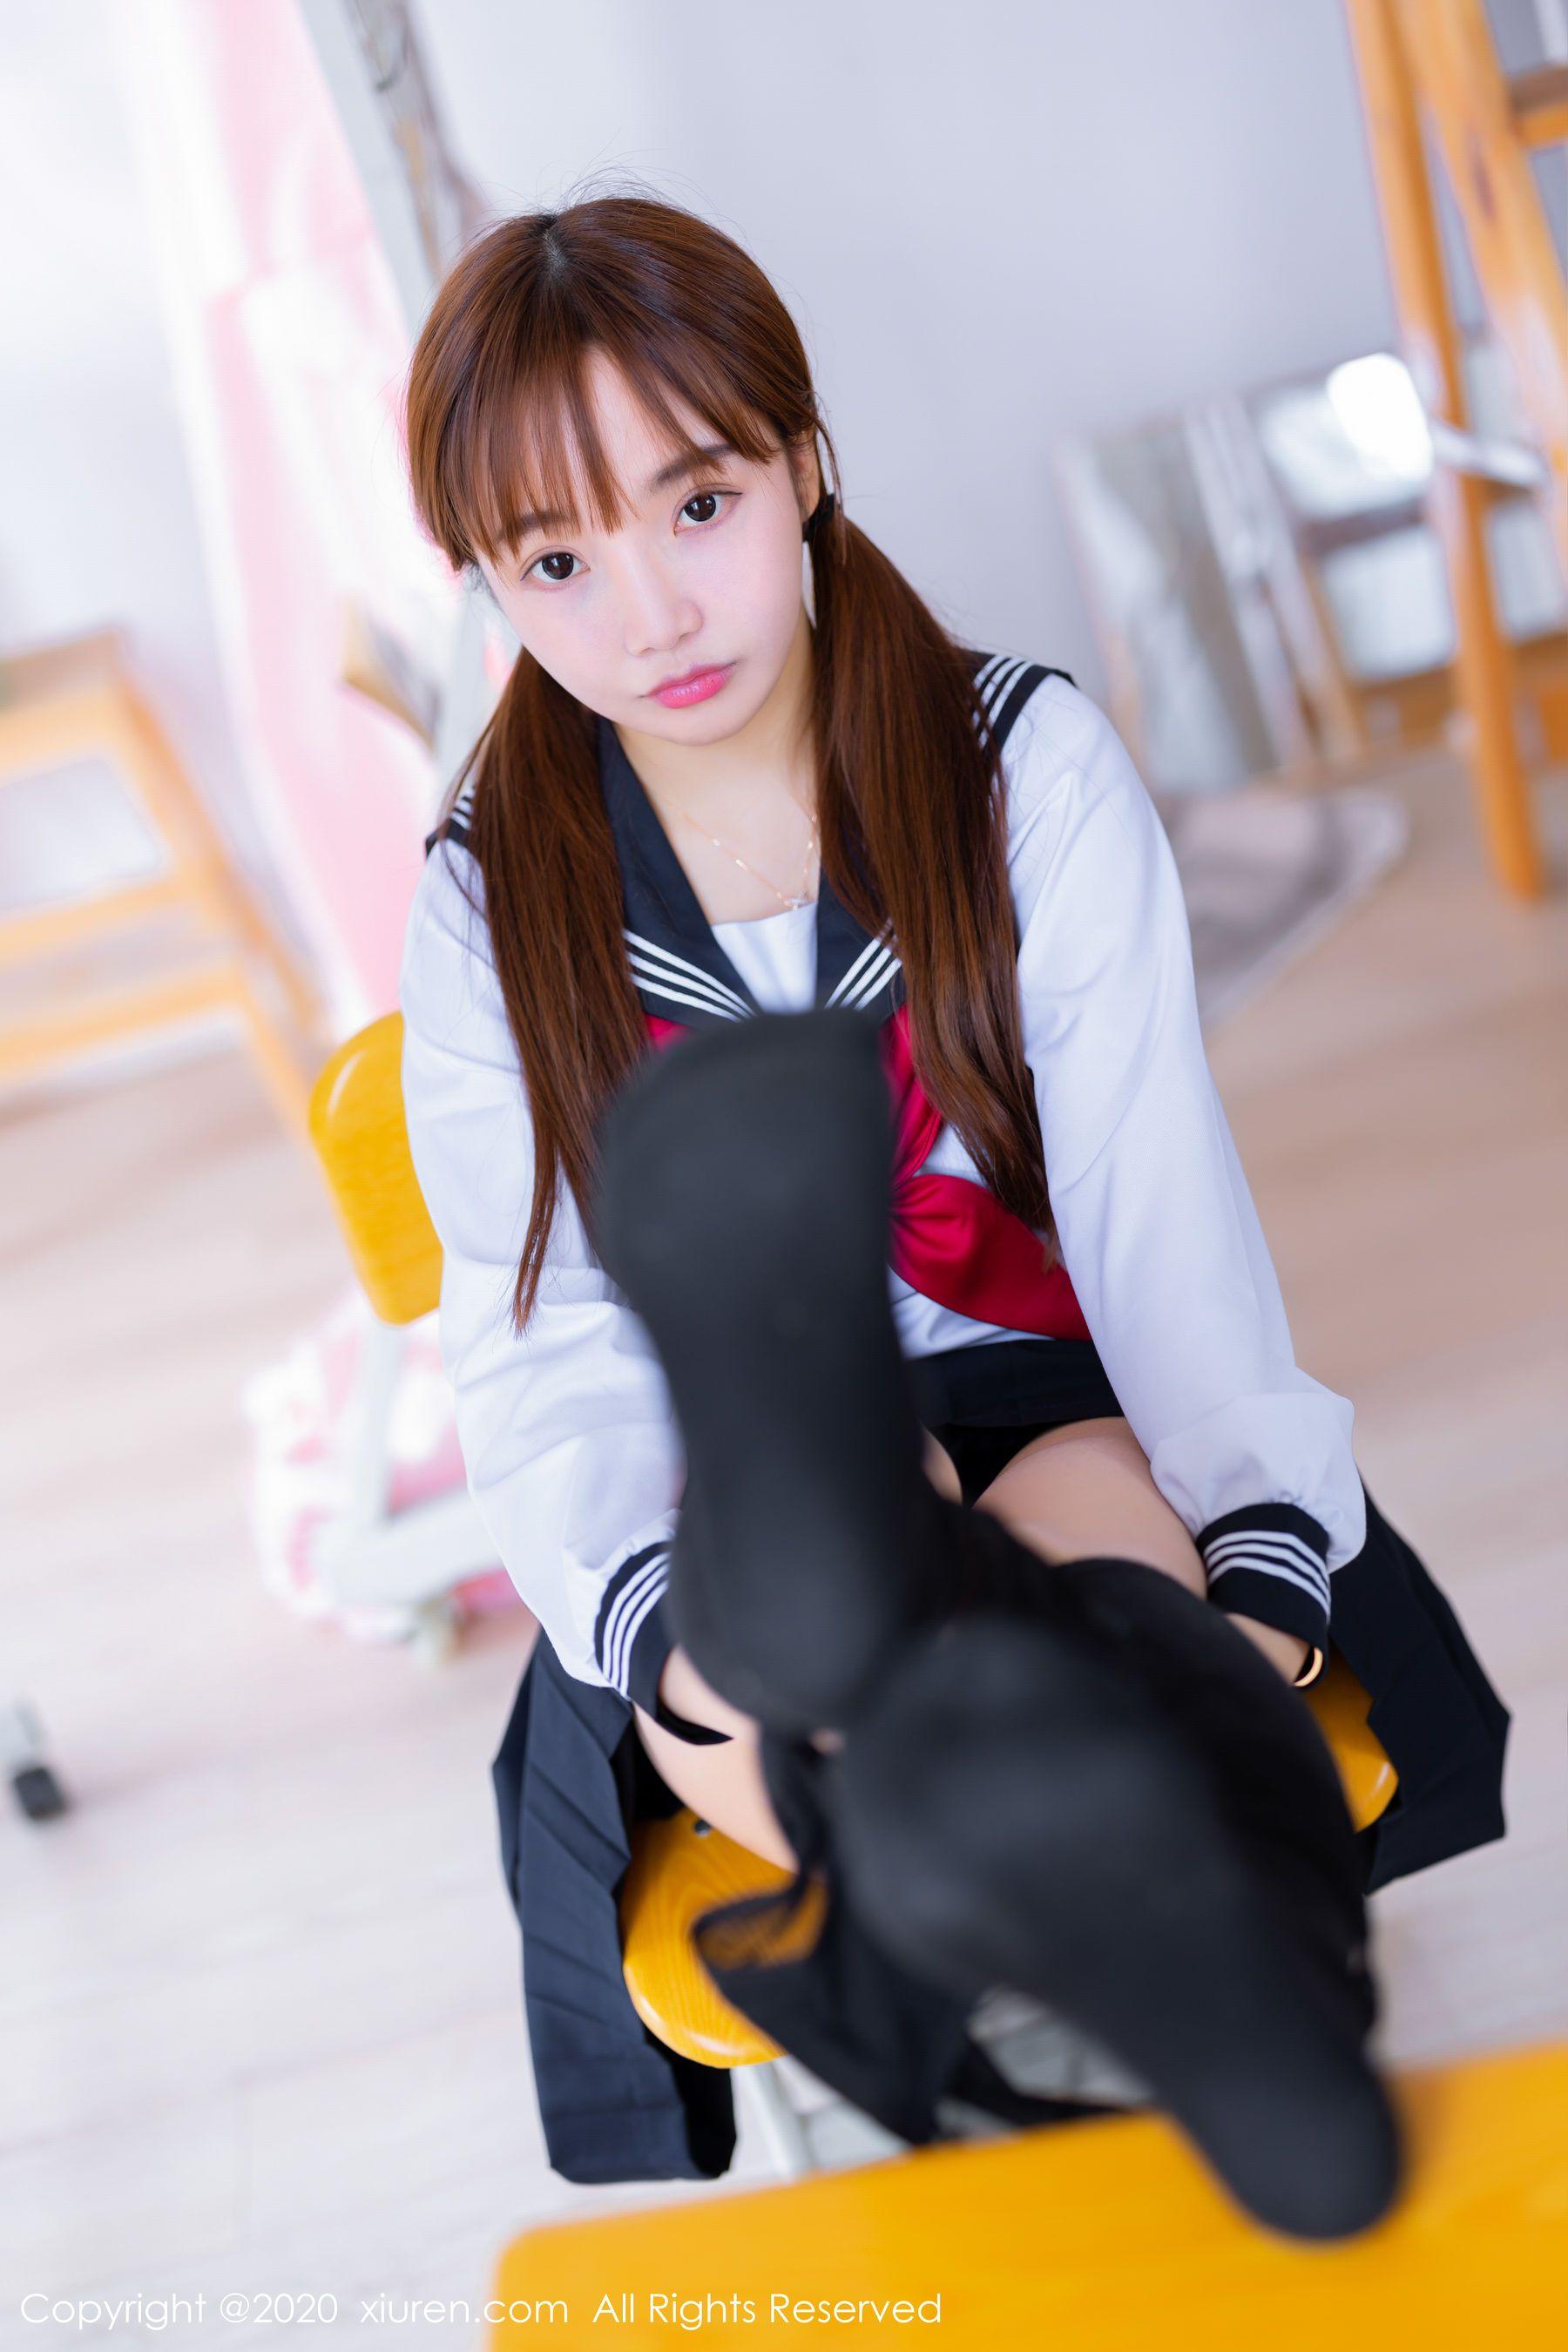 秀人xiuren no 2196 团团子 una 童颜巨乳jk制服 写真集高清大图在线浏览 新美图录in 2021 thumbs up